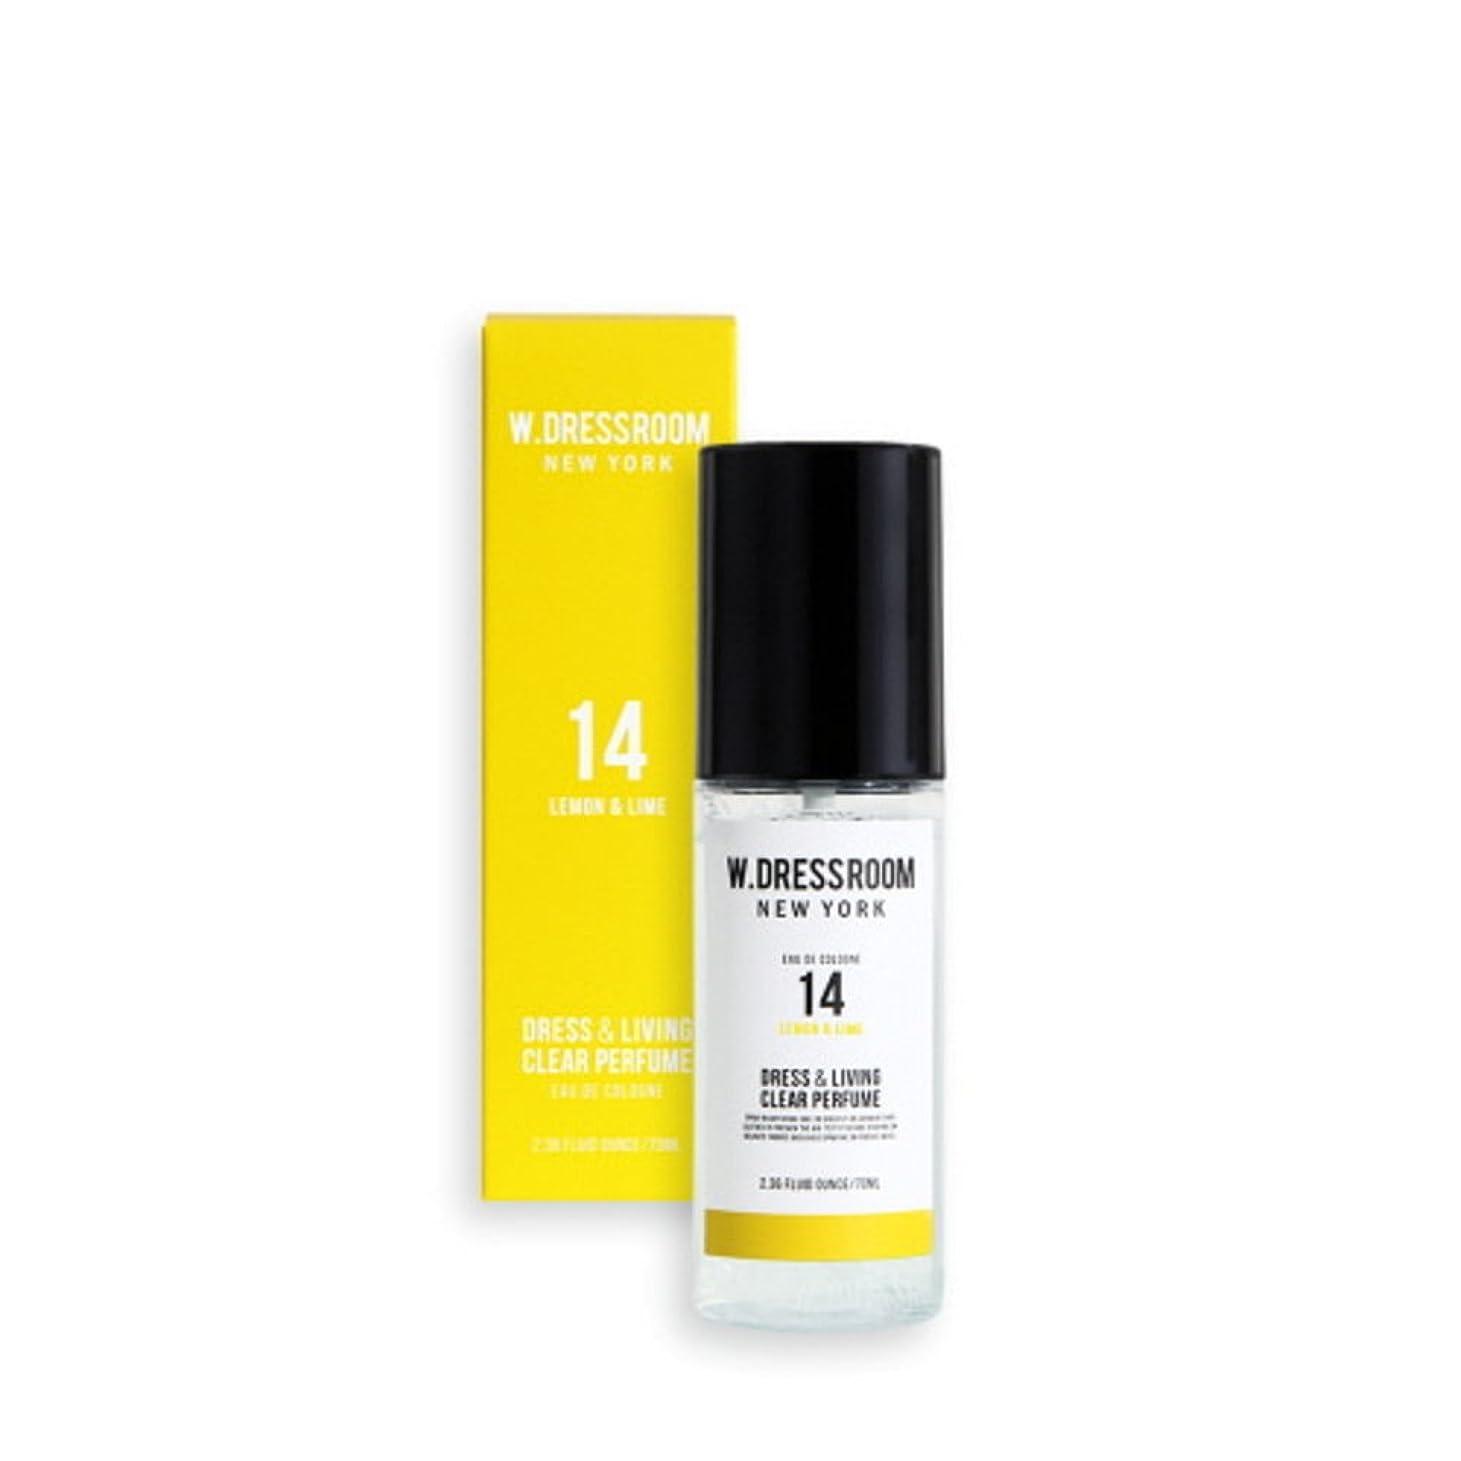 努力する美徳のためW.DRESSROOM Dress & Living Clear Perfume fragrance 70ml (#No.14 Lemon & Lime)/ダブルドレスルーム ドレス&リビング クリア パフューム 70ml (#No.14 Lemon & Lime)